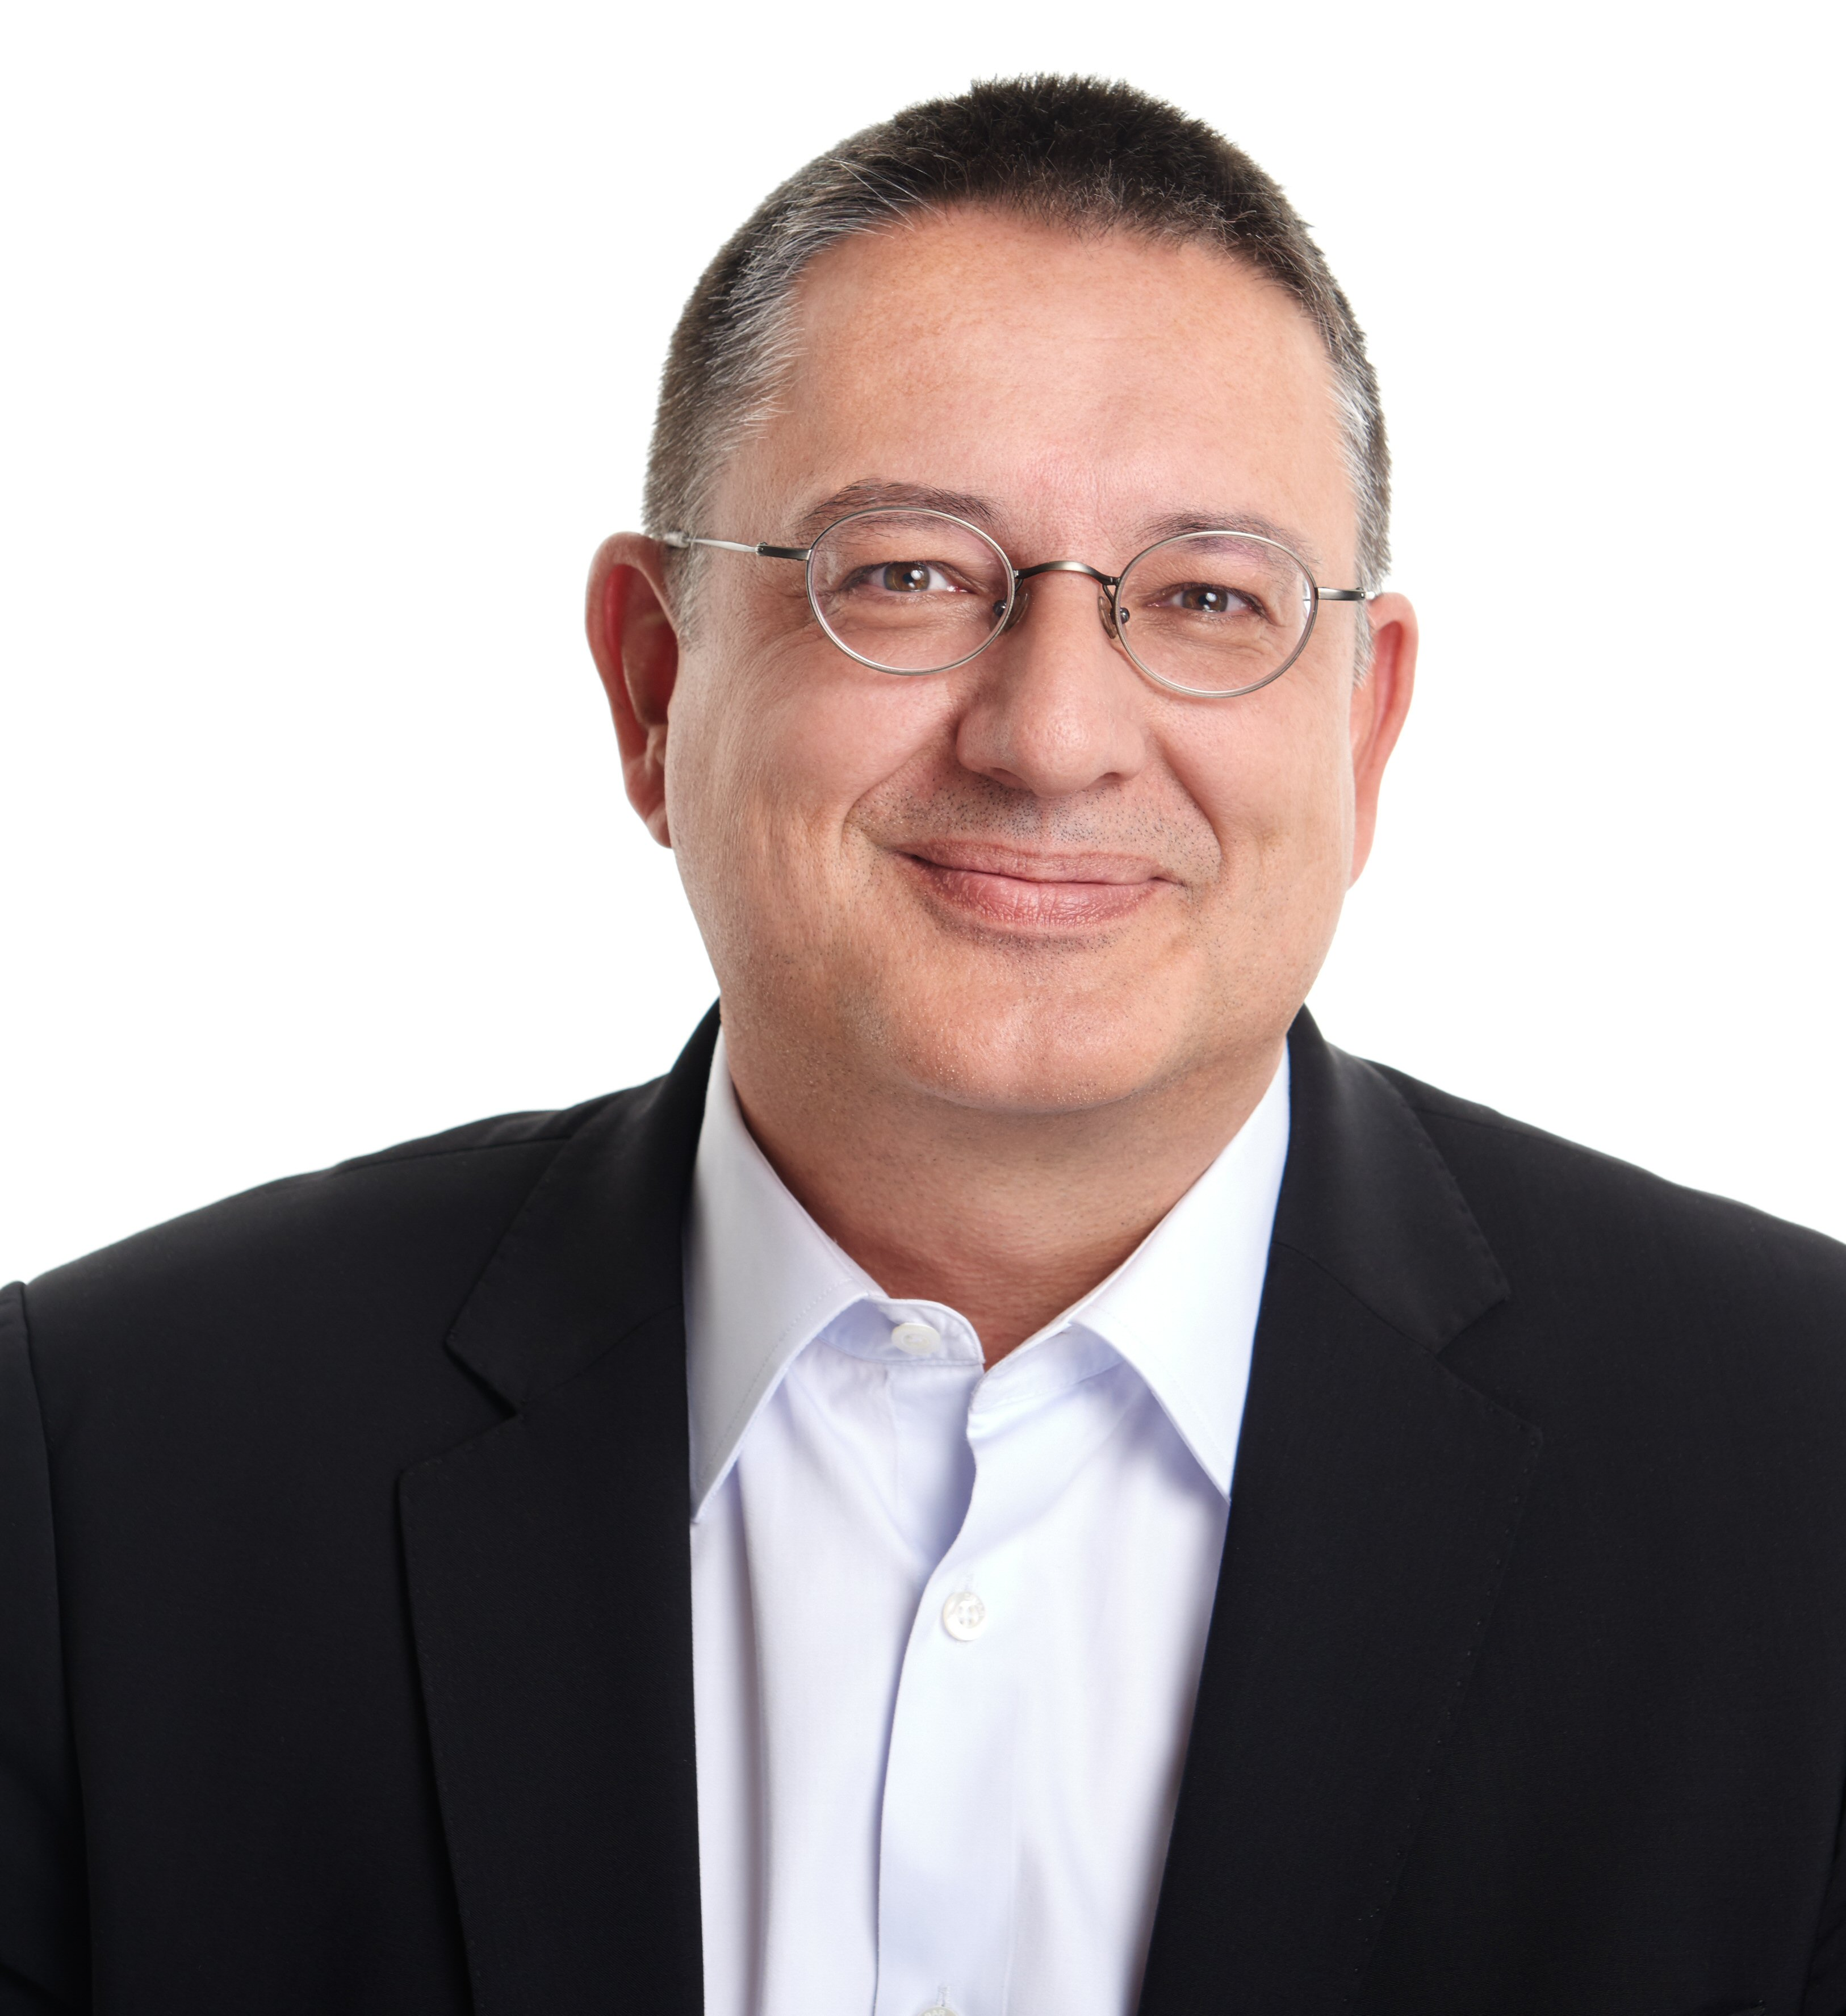 Uwe Krakau, einer der Autoren des Artikels über Blockchain beim Banking.